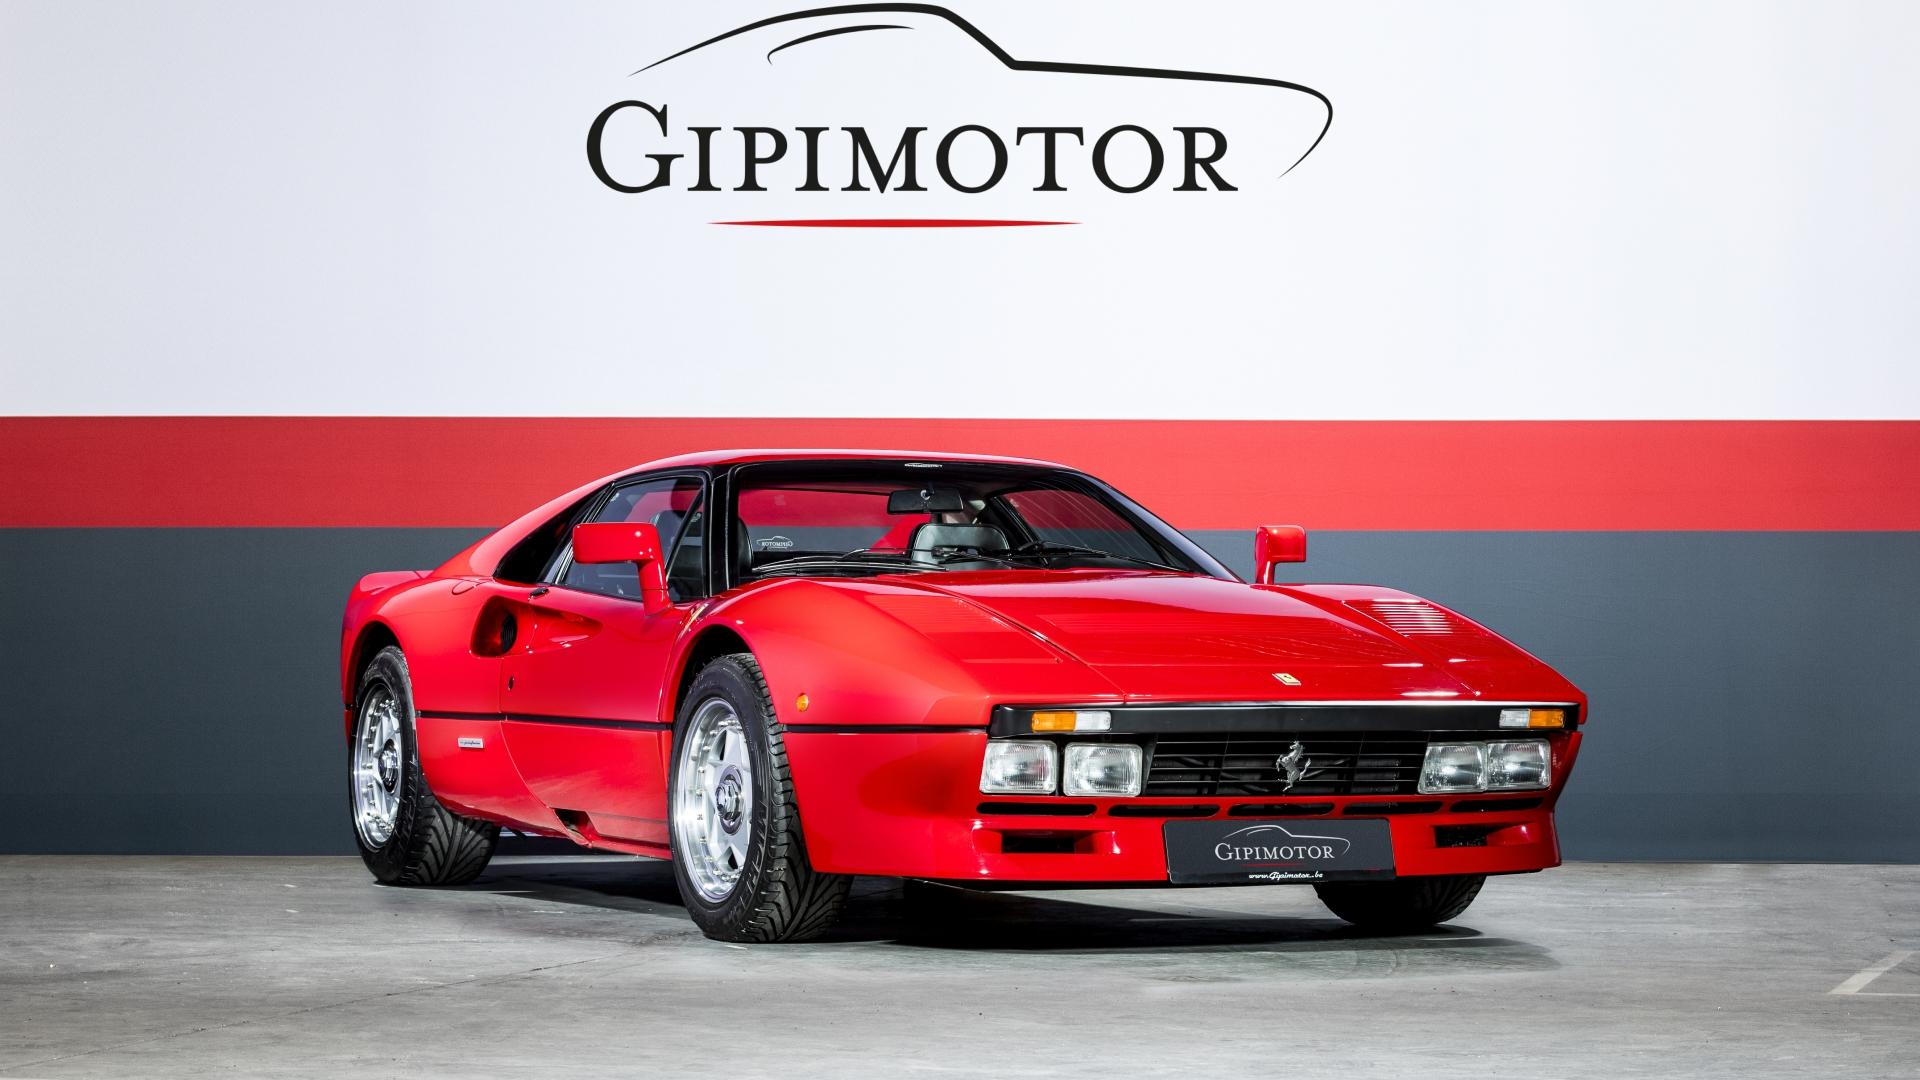 Ferrari - 288 GTO · Gipimotor